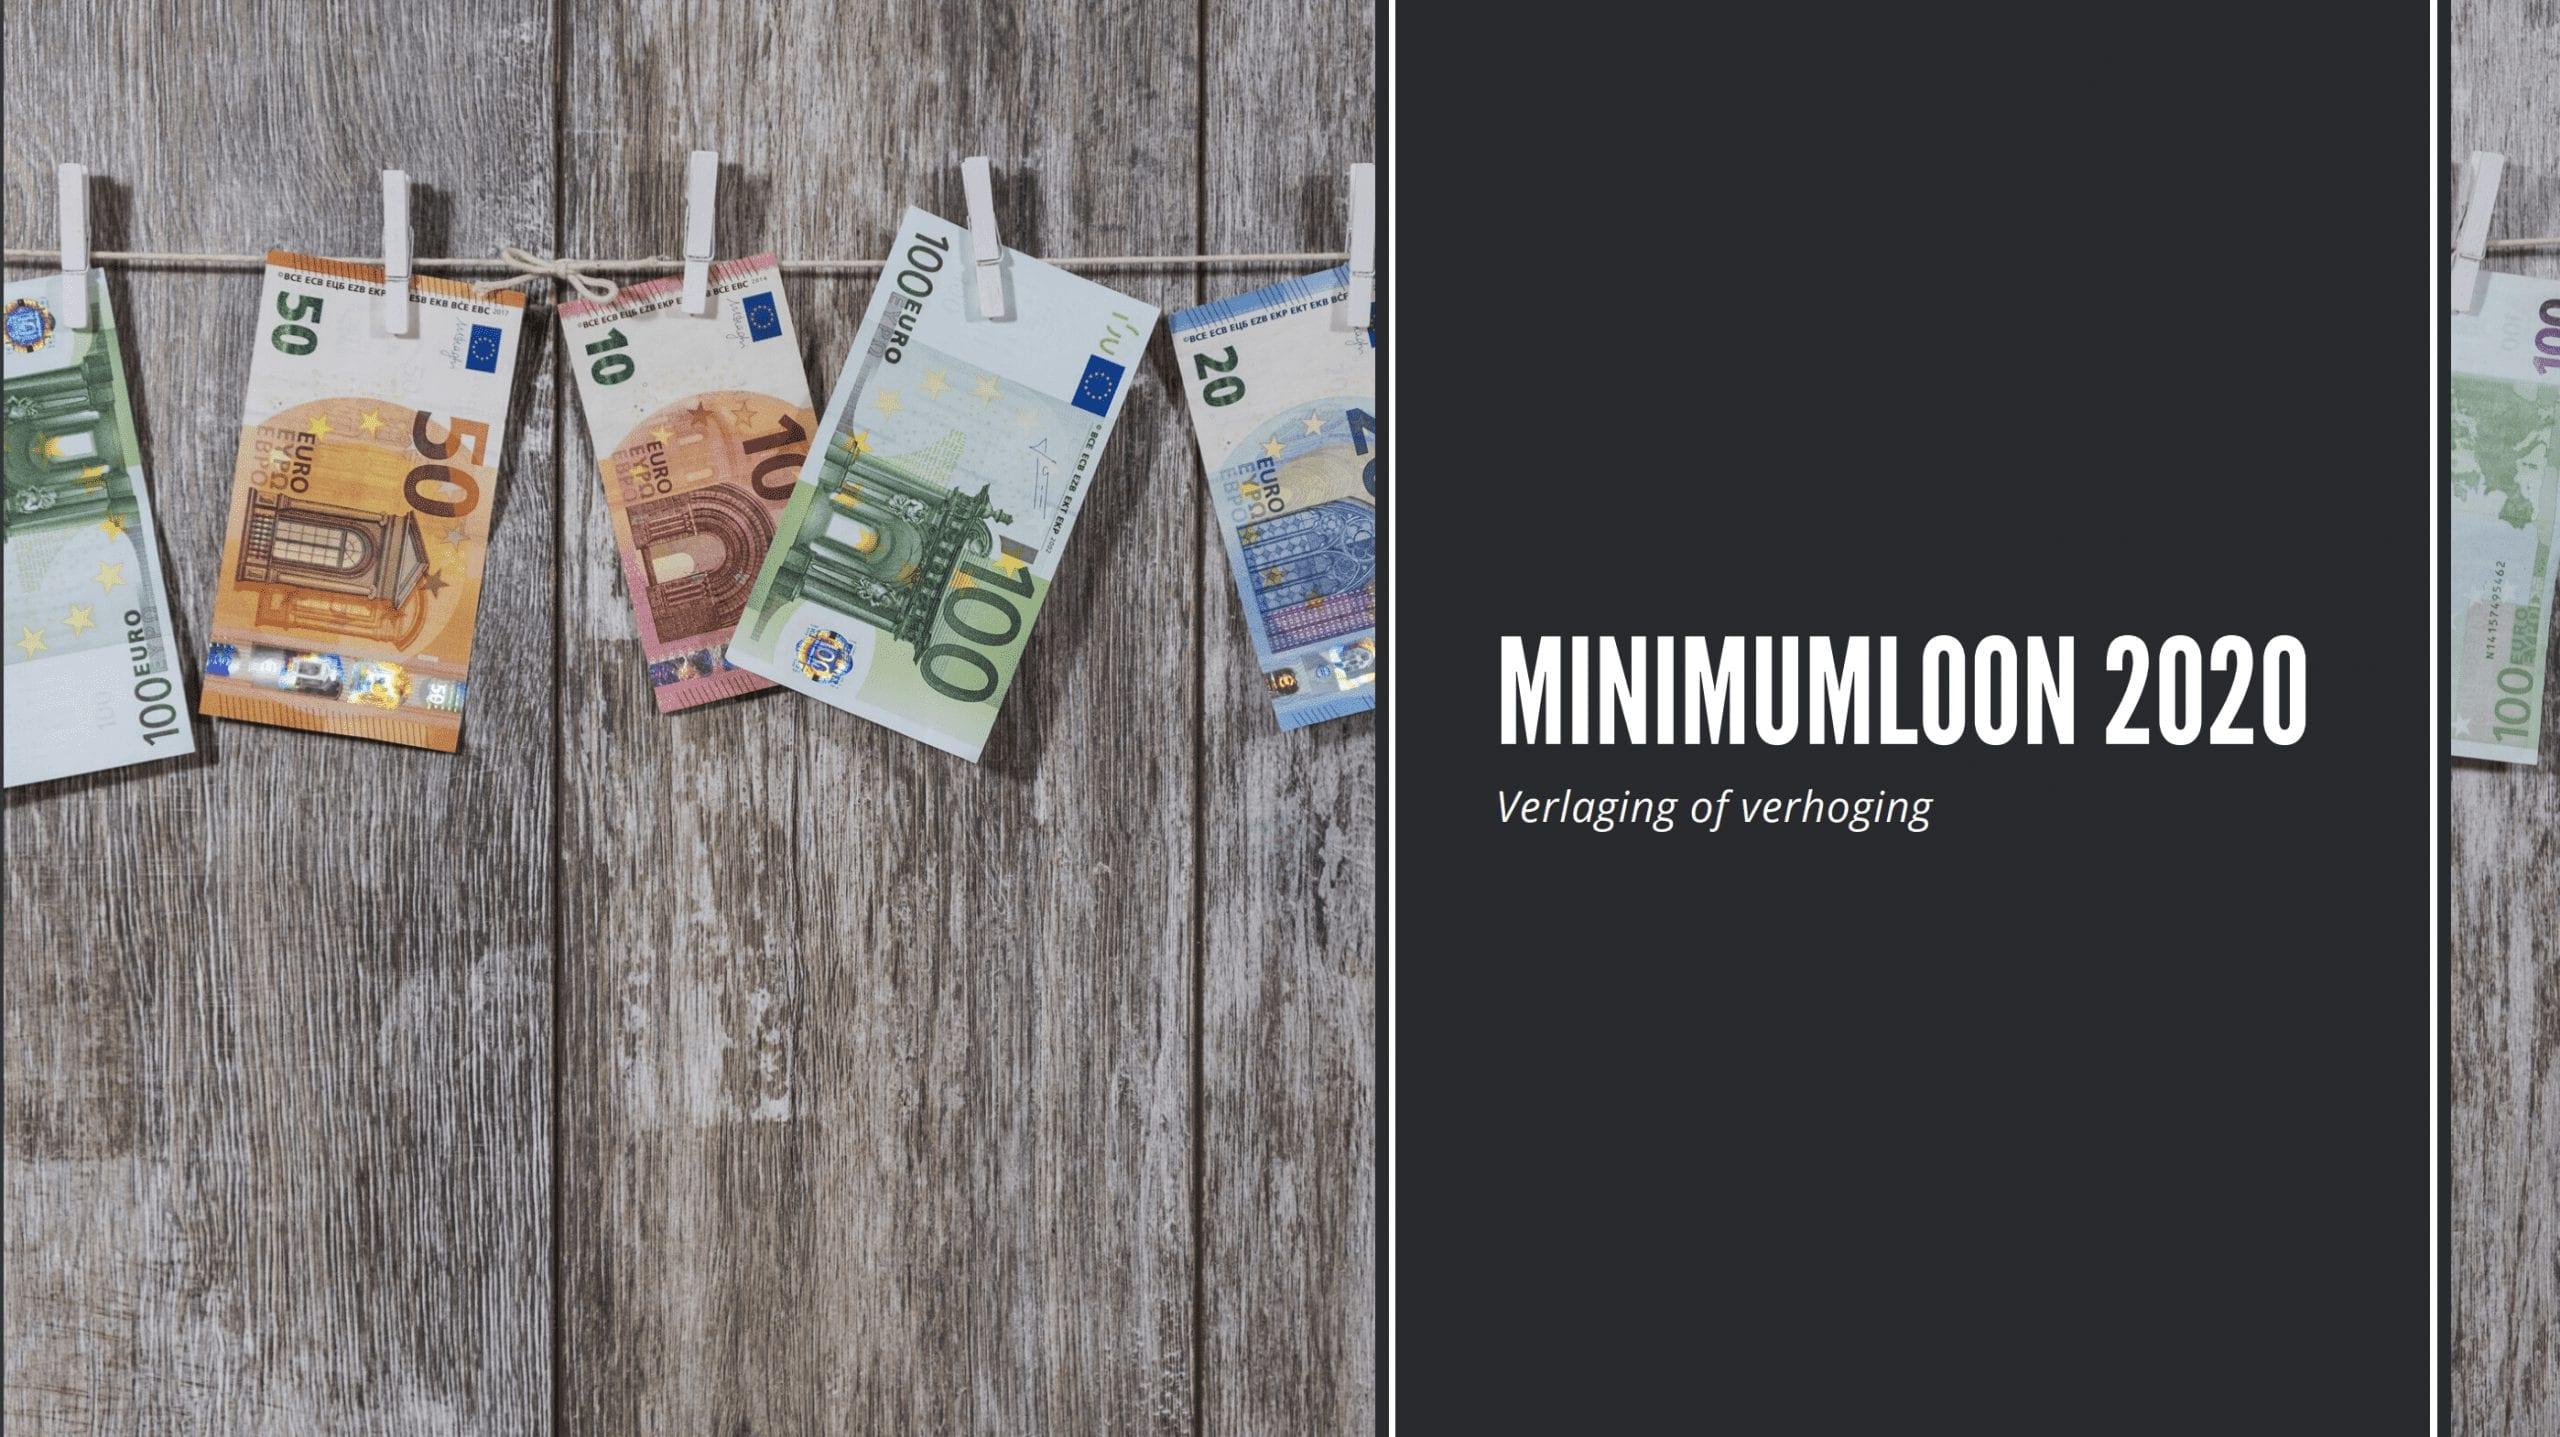 Minimumloon 2020, alles voor uw personeelszaken